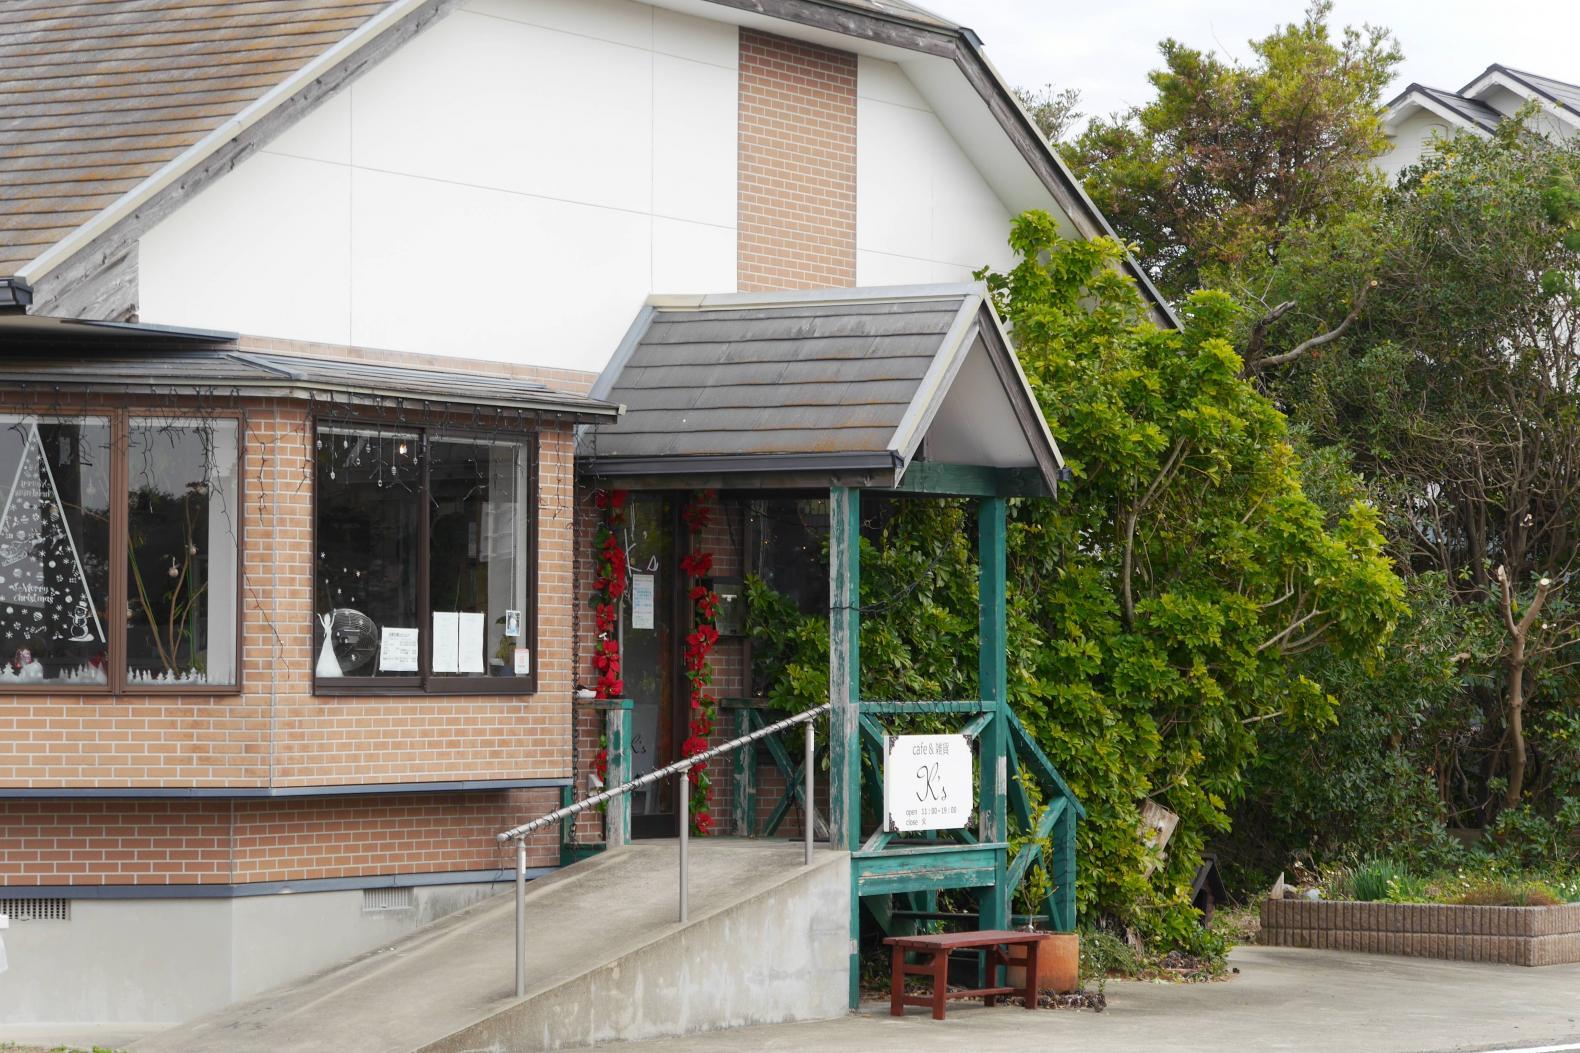 郷ノ浦港から徒歩10分ほどで行ける弁天崎公園-5